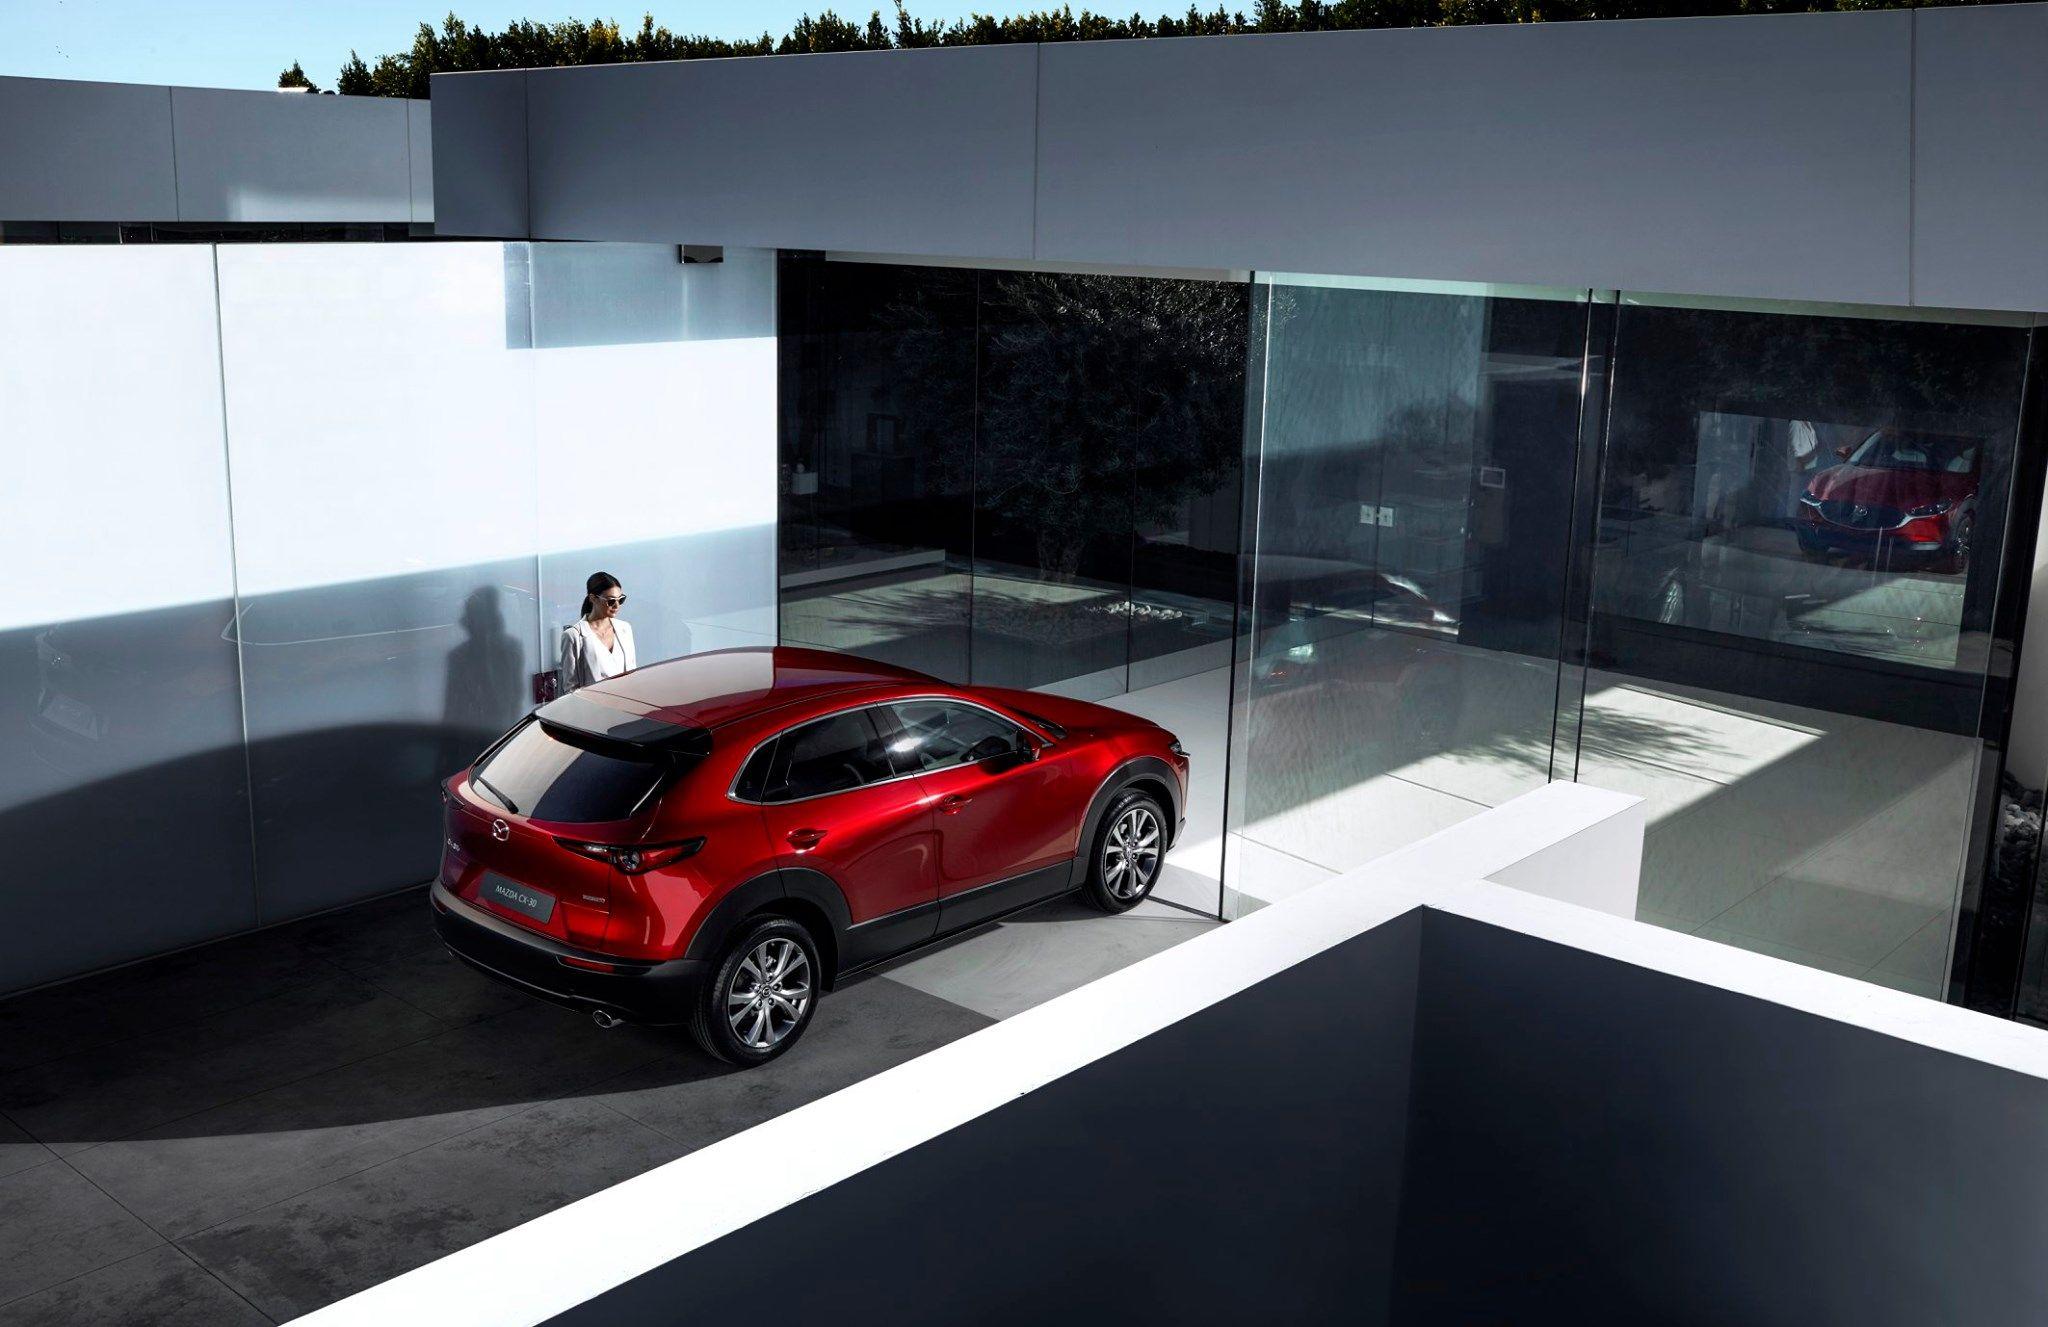 ¡RENTING! Mazda CX- 30 por 379,49€* al mes ¡ECO!